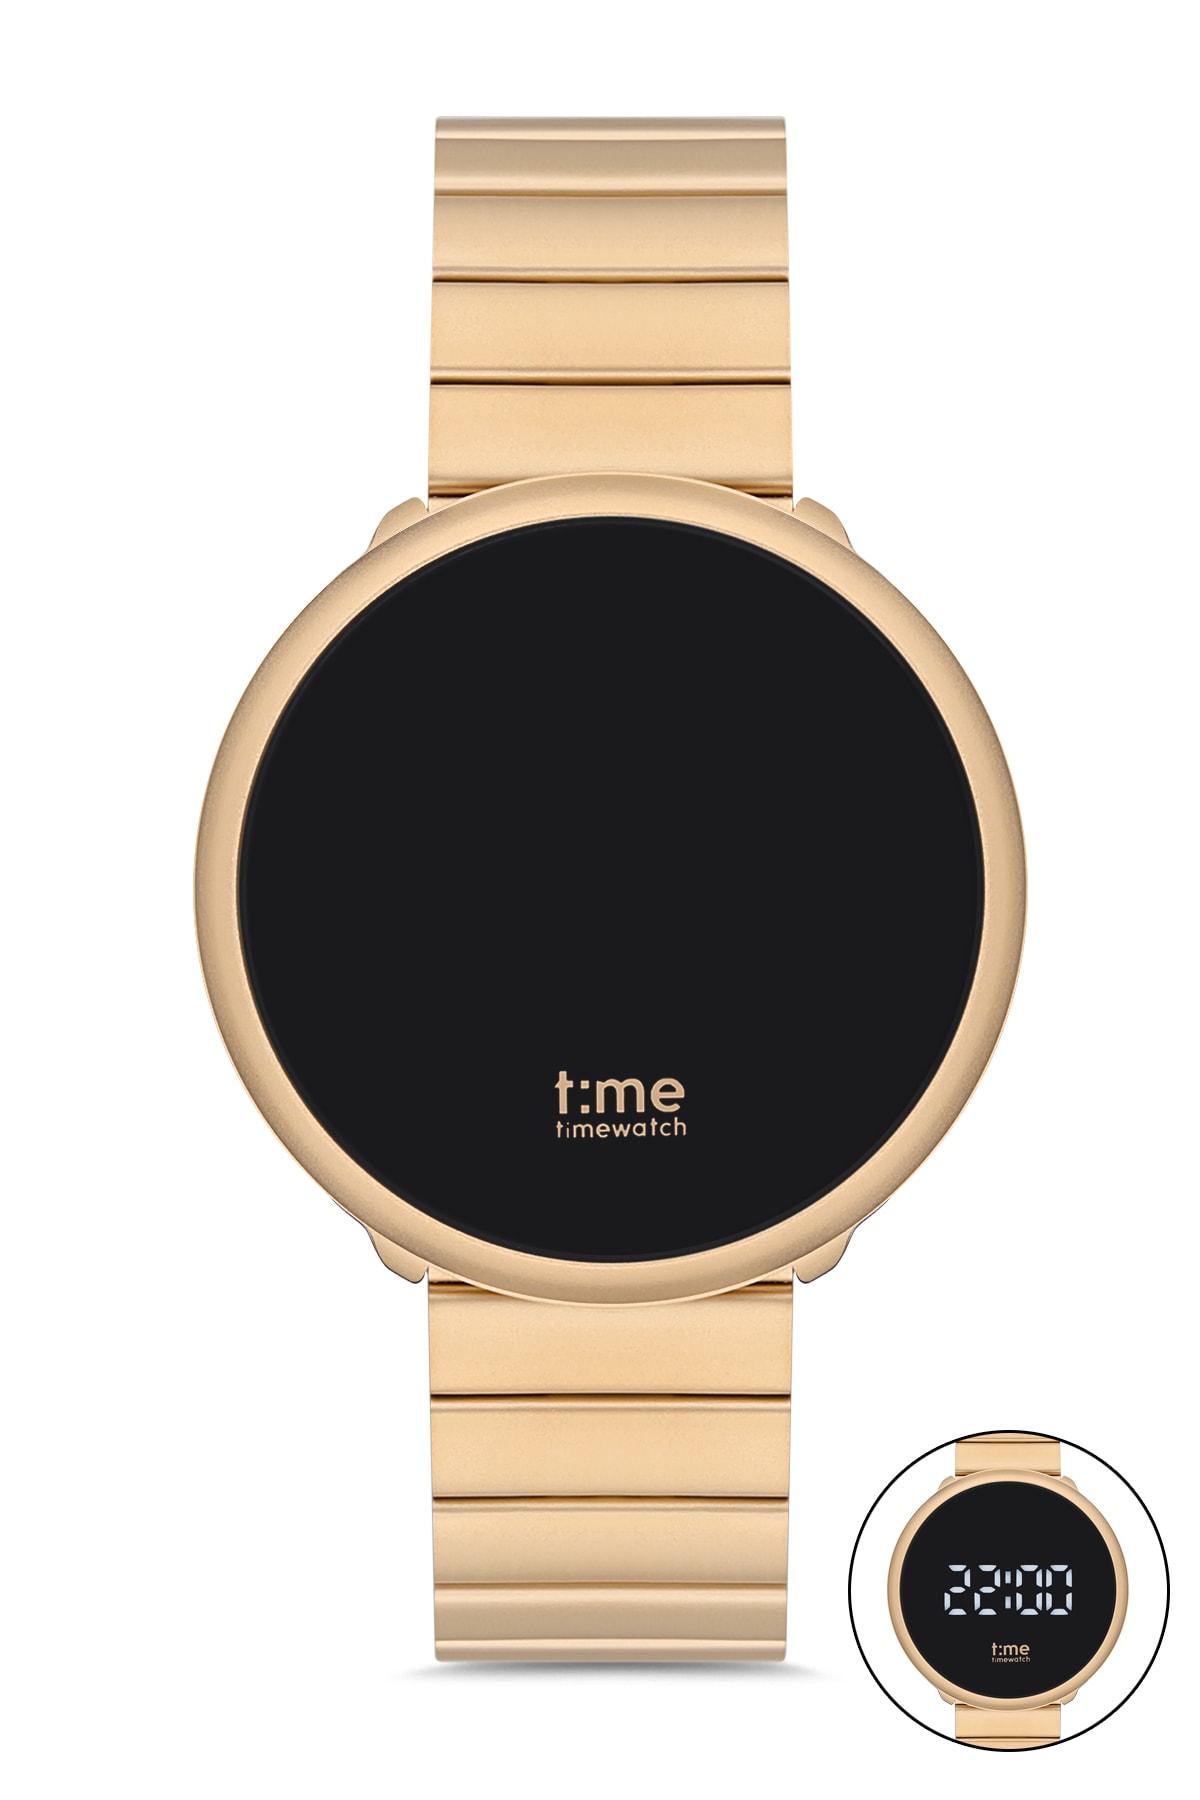 Timewatch Time Watch Tw.142.2gbg Unisex Kol Saati 1